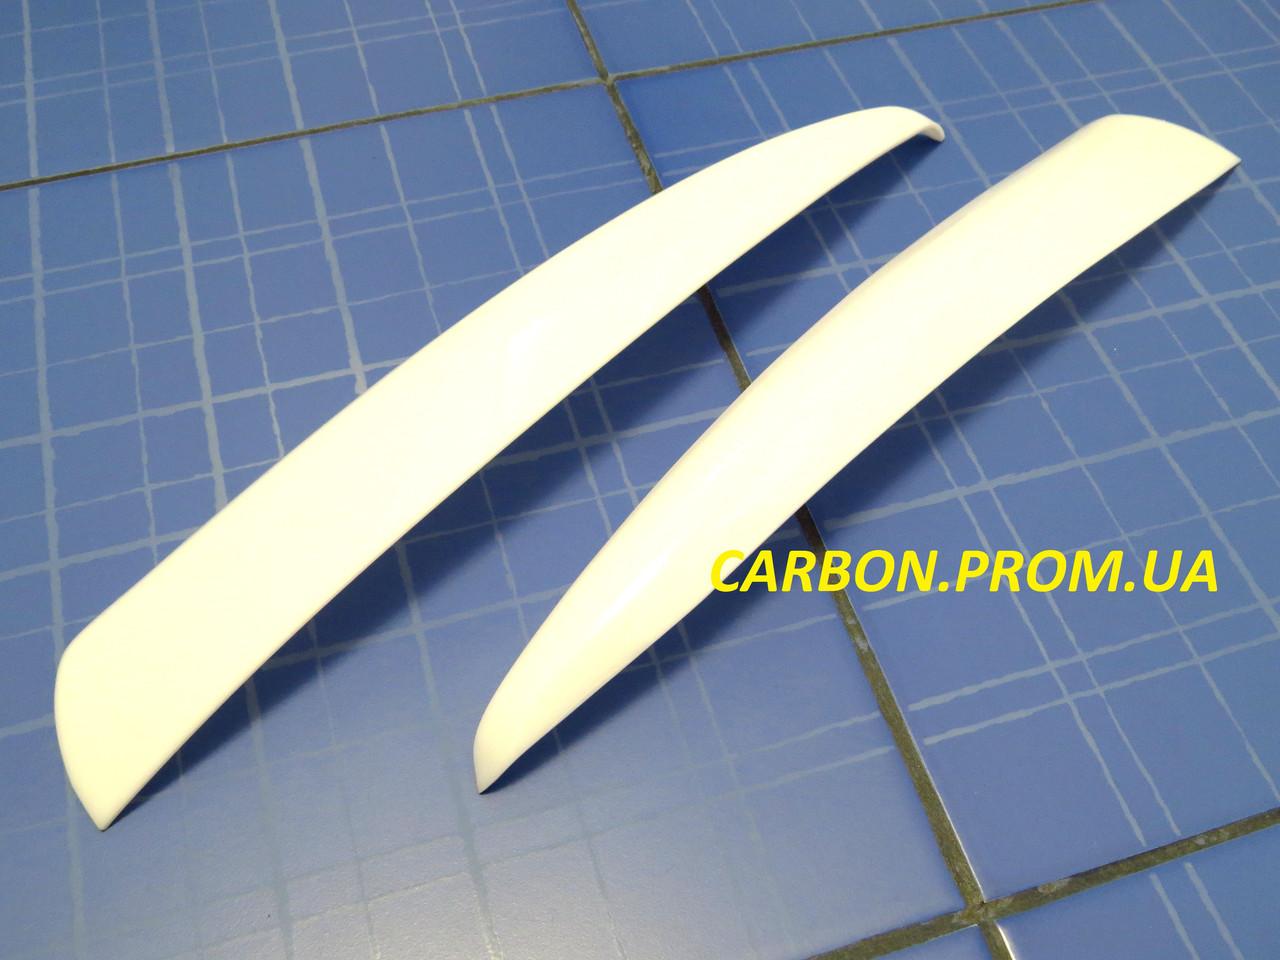 Вії ANV Air ВАЗ 1118 Калина прямі білі тюнінгові накладки на автомобільні фари Kalina